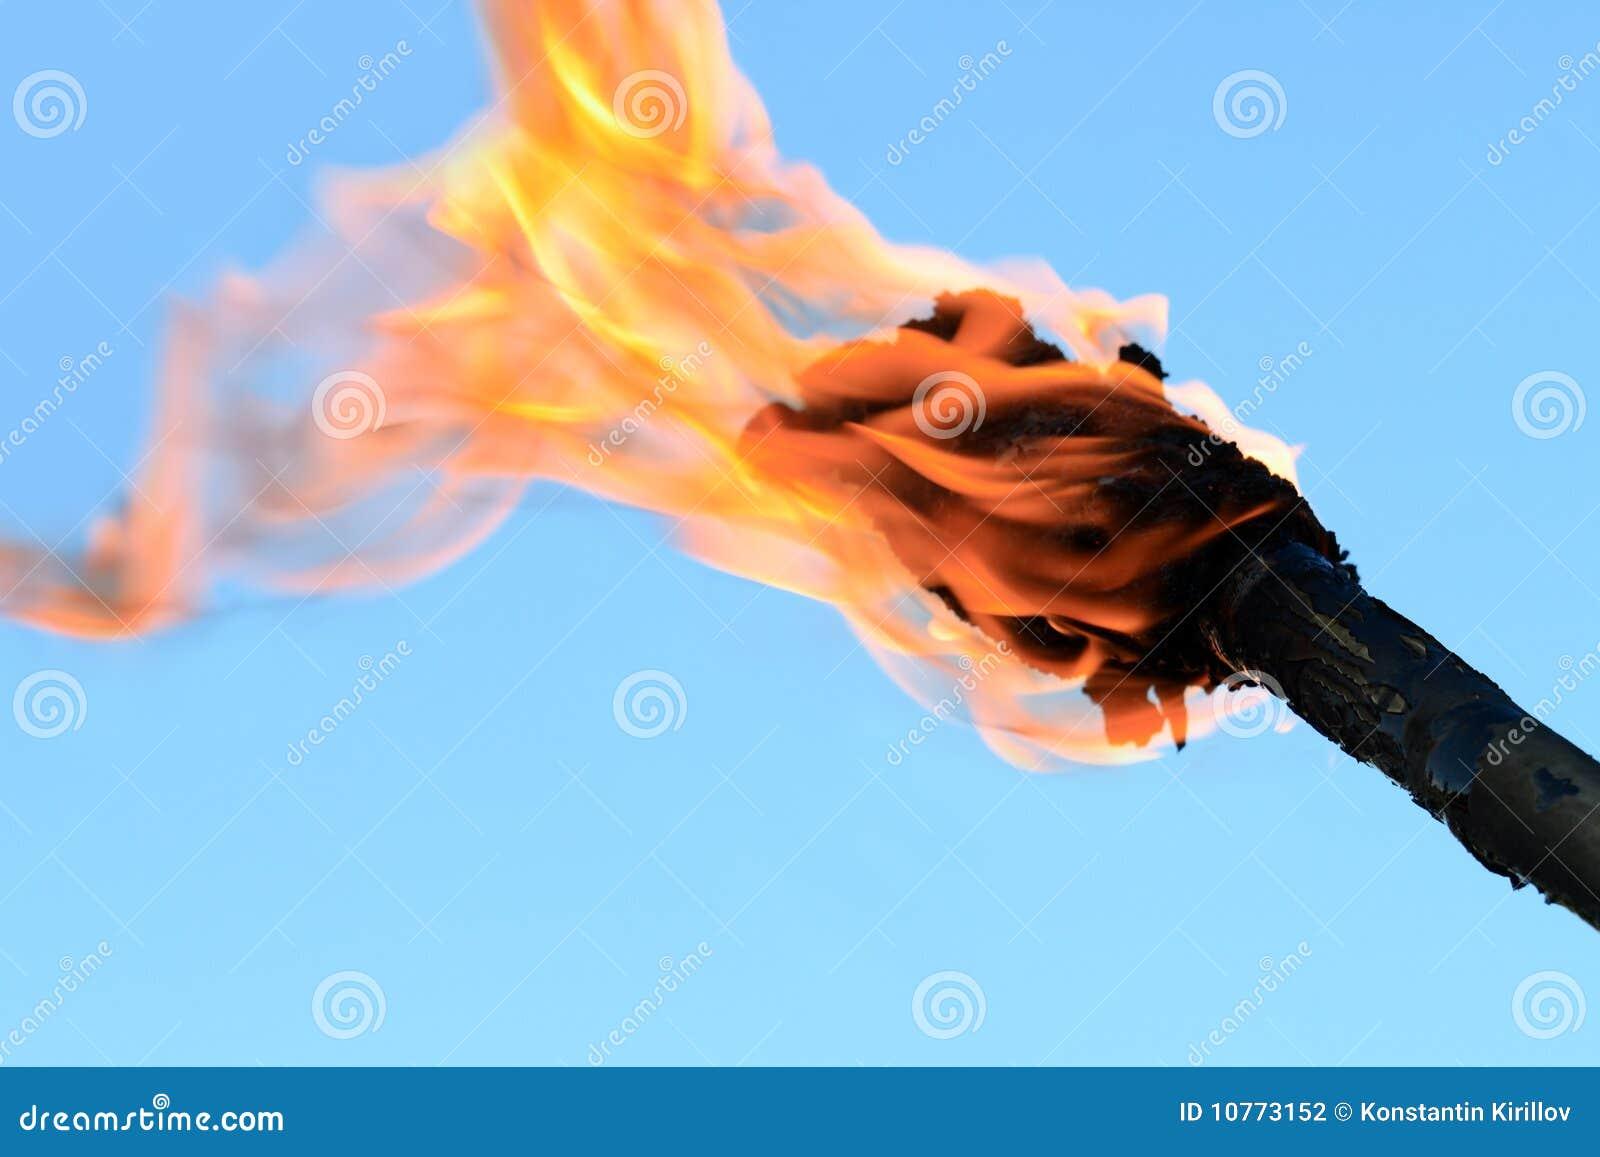 Как сделать чтобы красный факел не горит